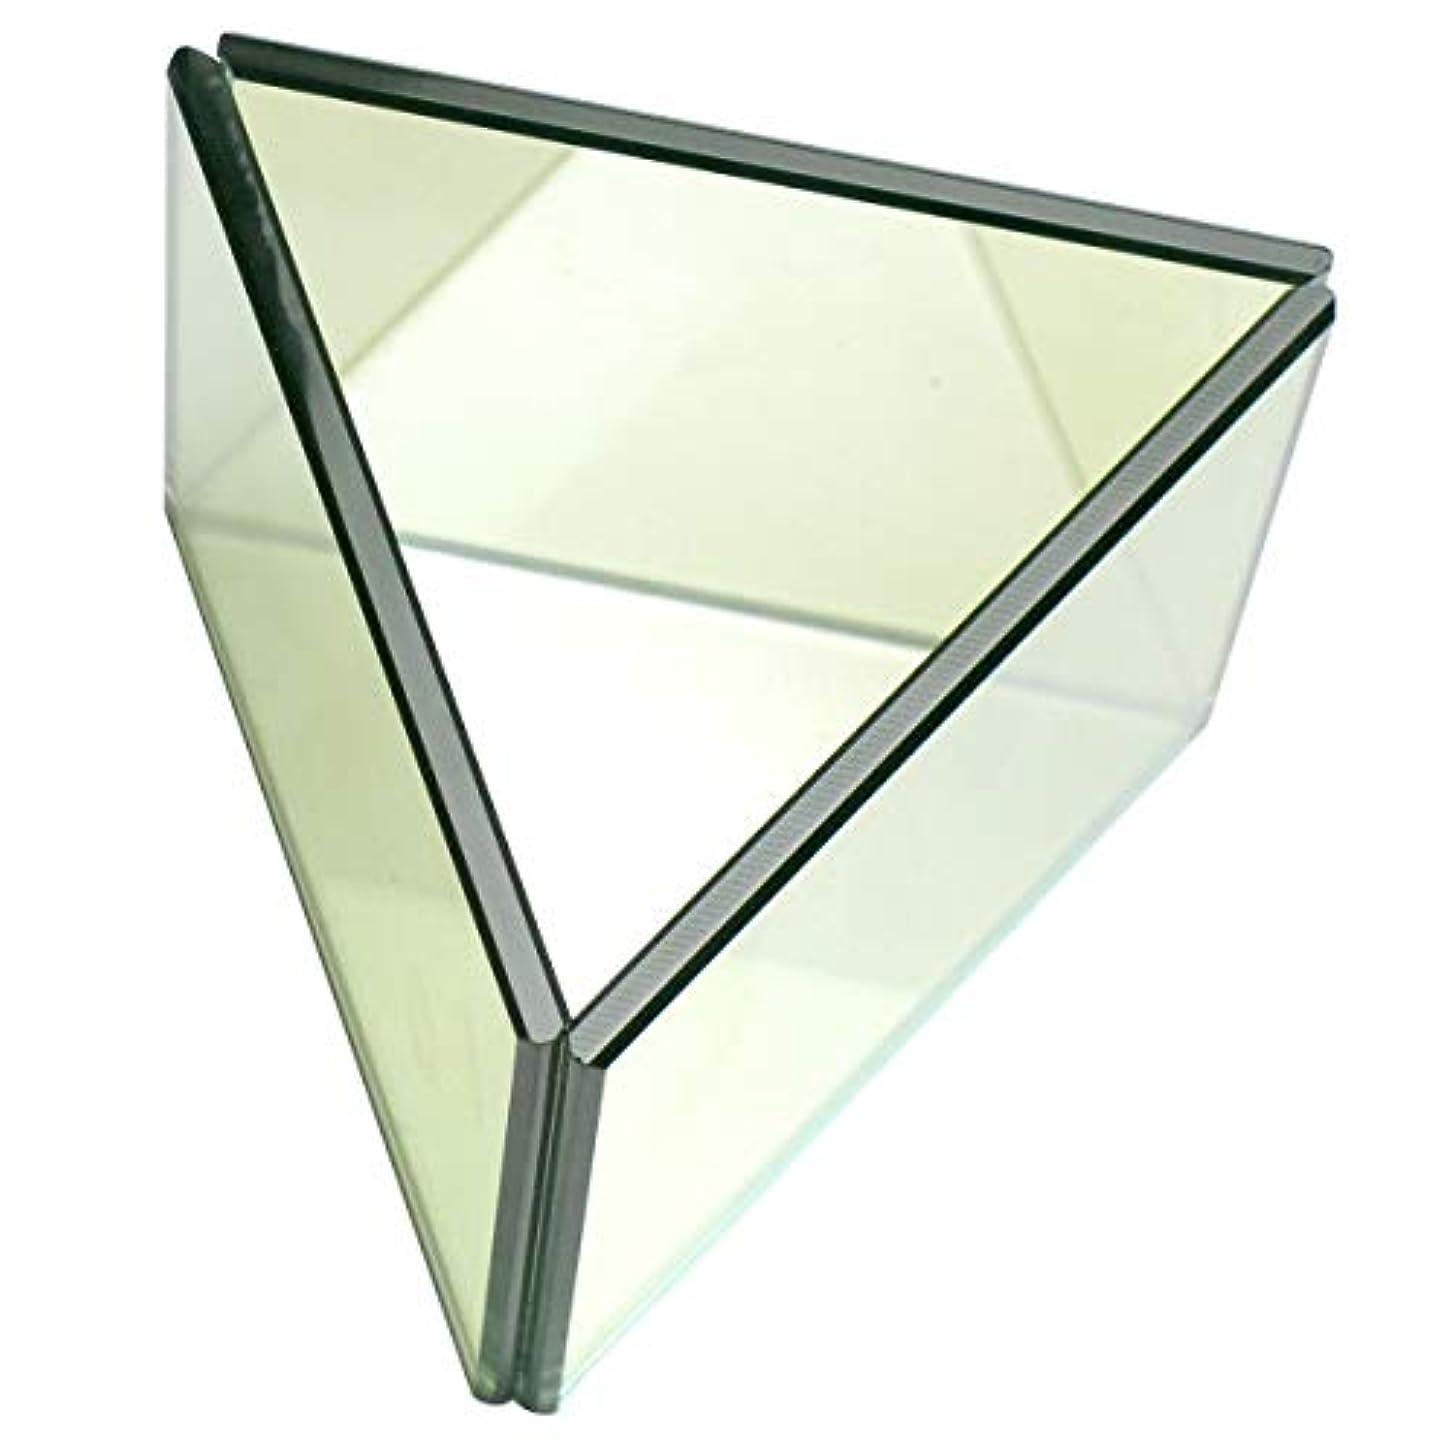 雇う電子環境無限連鎖キャンドルホルダー トライアングル ガラス キャンドルスタンド ランタン 誕生日 ティーライトキャンドル